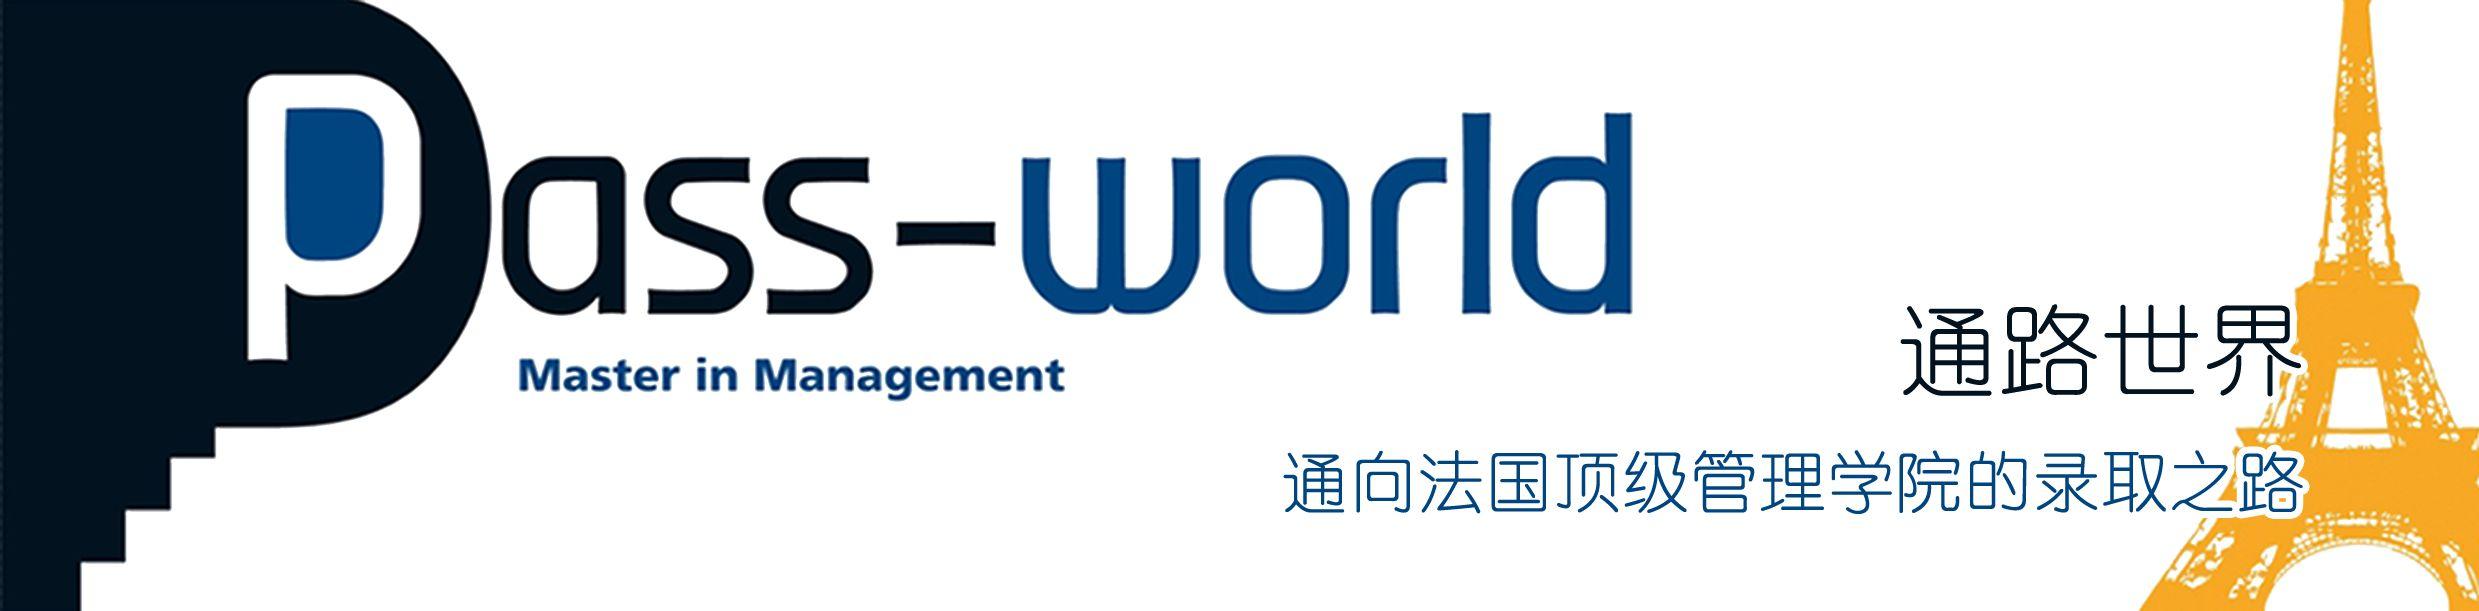 法国高商联盟—PassWorld